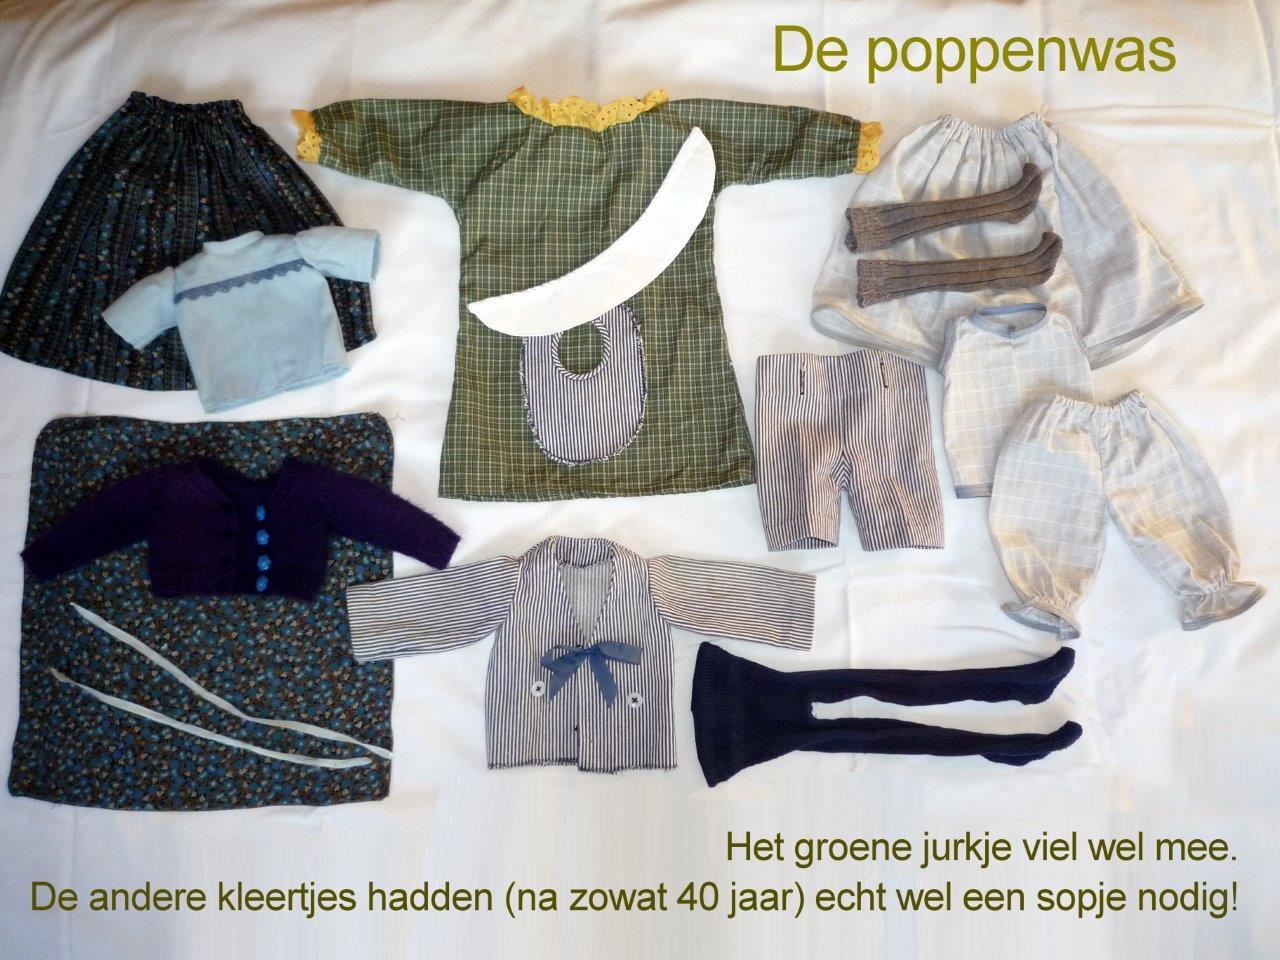 https://welkepopisdat.nl/afbeeldingen-Forum/DurvinaFotos/P1410880.jpg